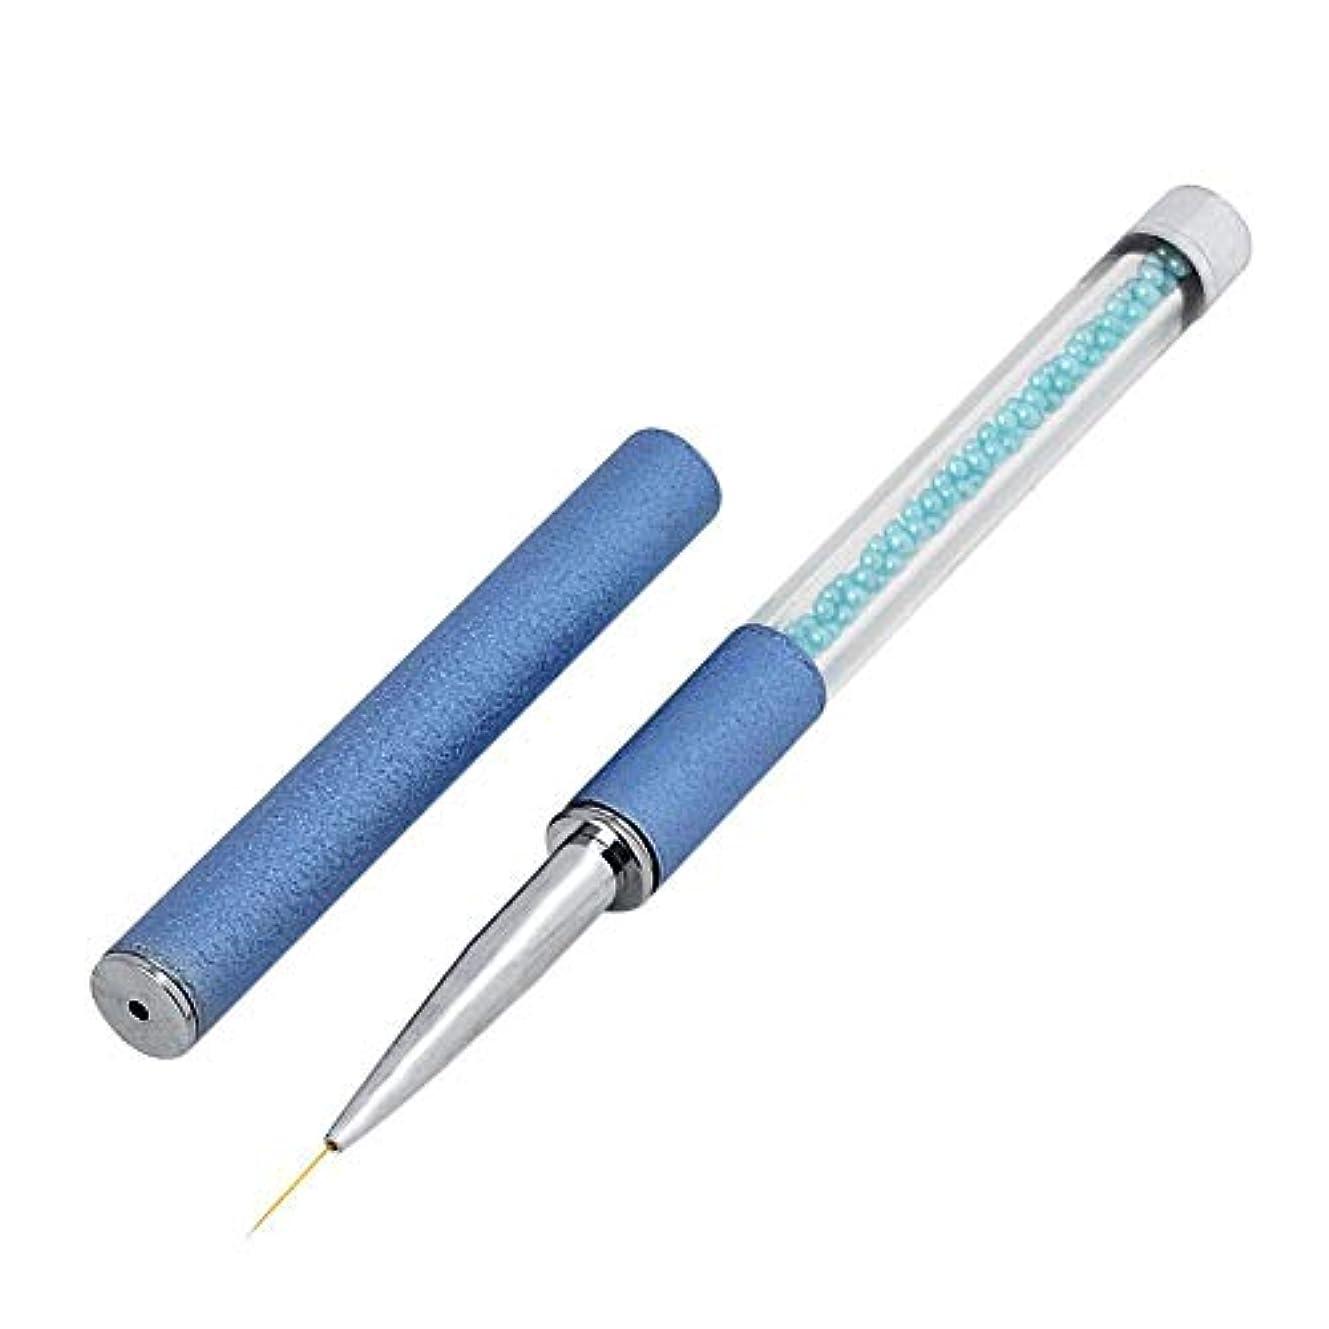 細分化する不変従来のMurakush ネイルツール ブルーパールバー 塗装ペン つや消し バレルパール ネイル